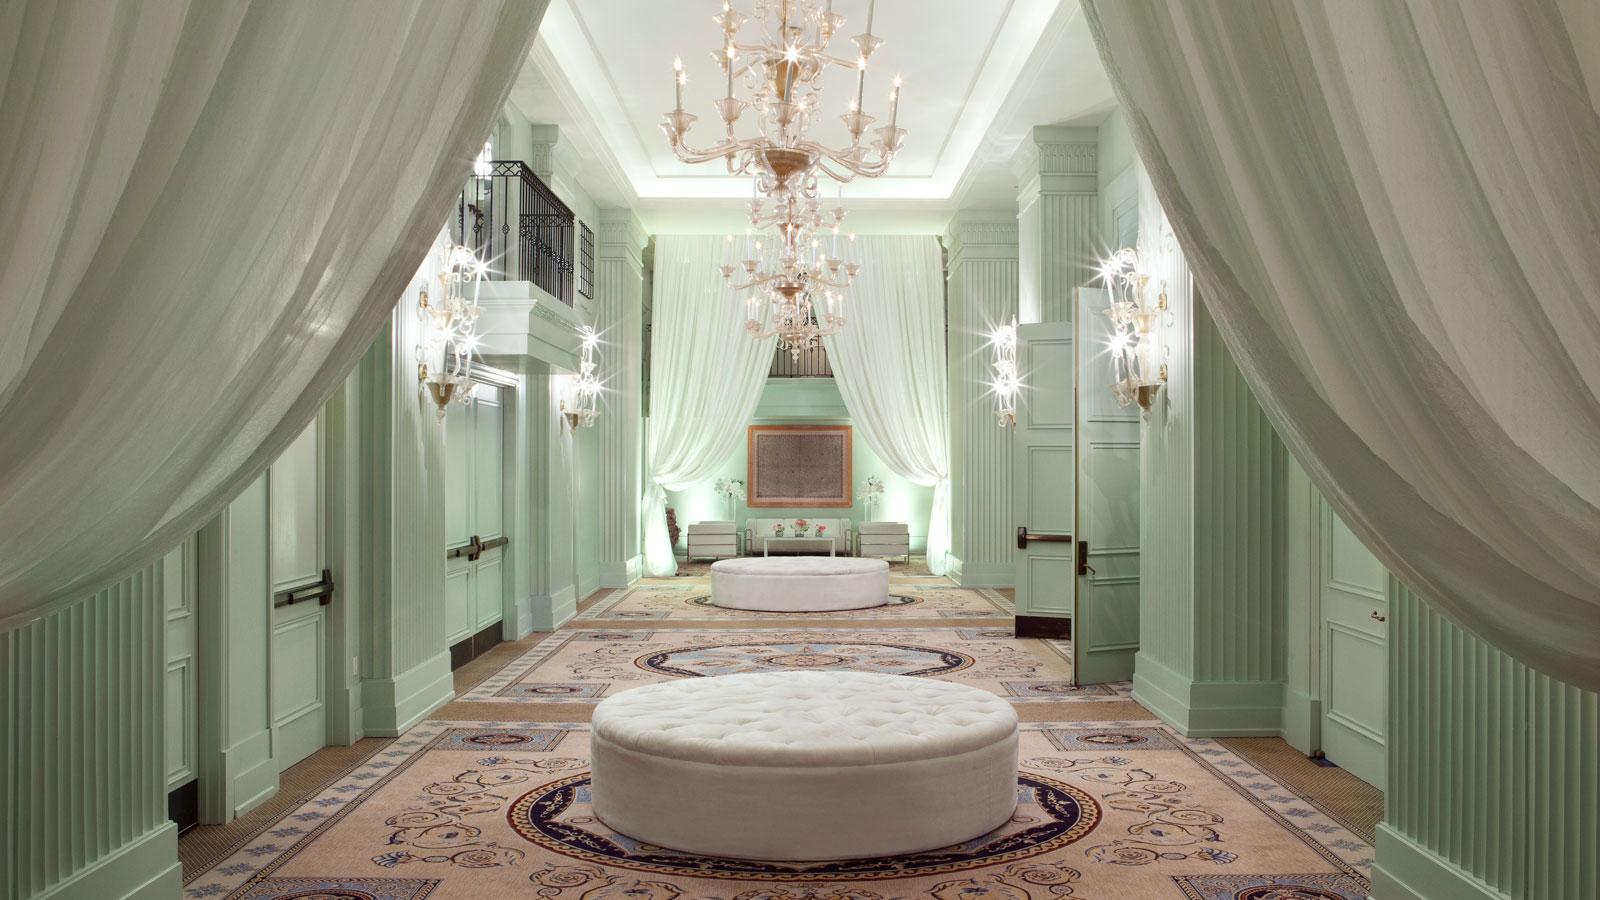 Casa Del Mar Colonnade Ballroom Foyer wedding venue